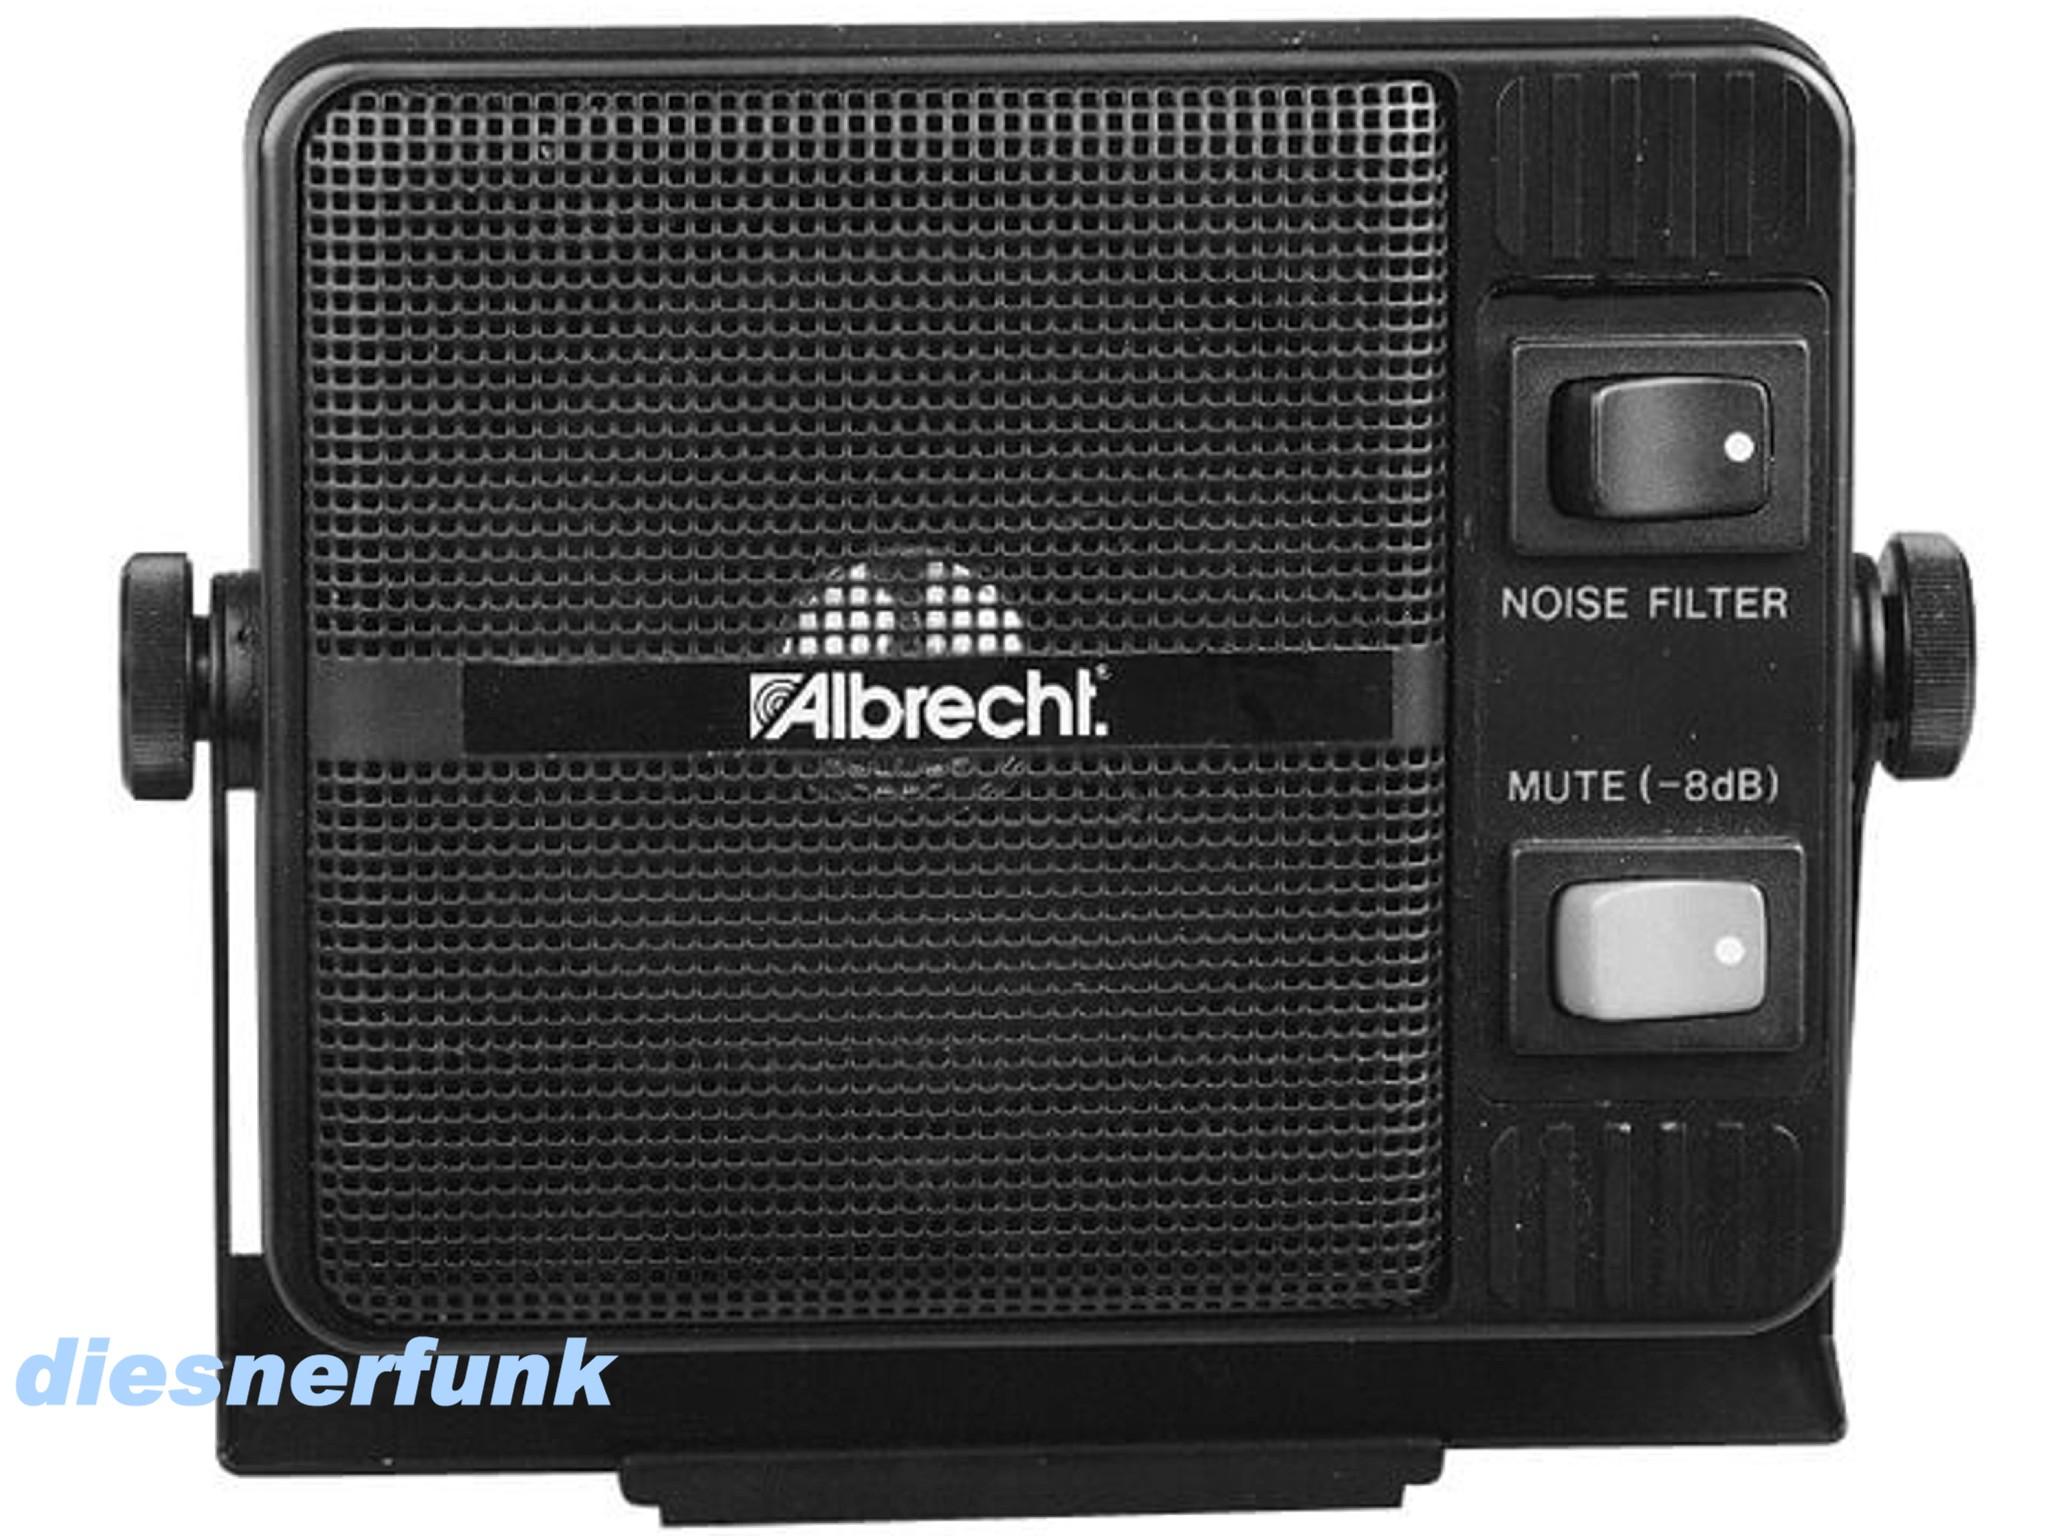 CB FUNK LAUTSPRECHER ALBRECHT CB 20 Mit Geräuschfilter Und